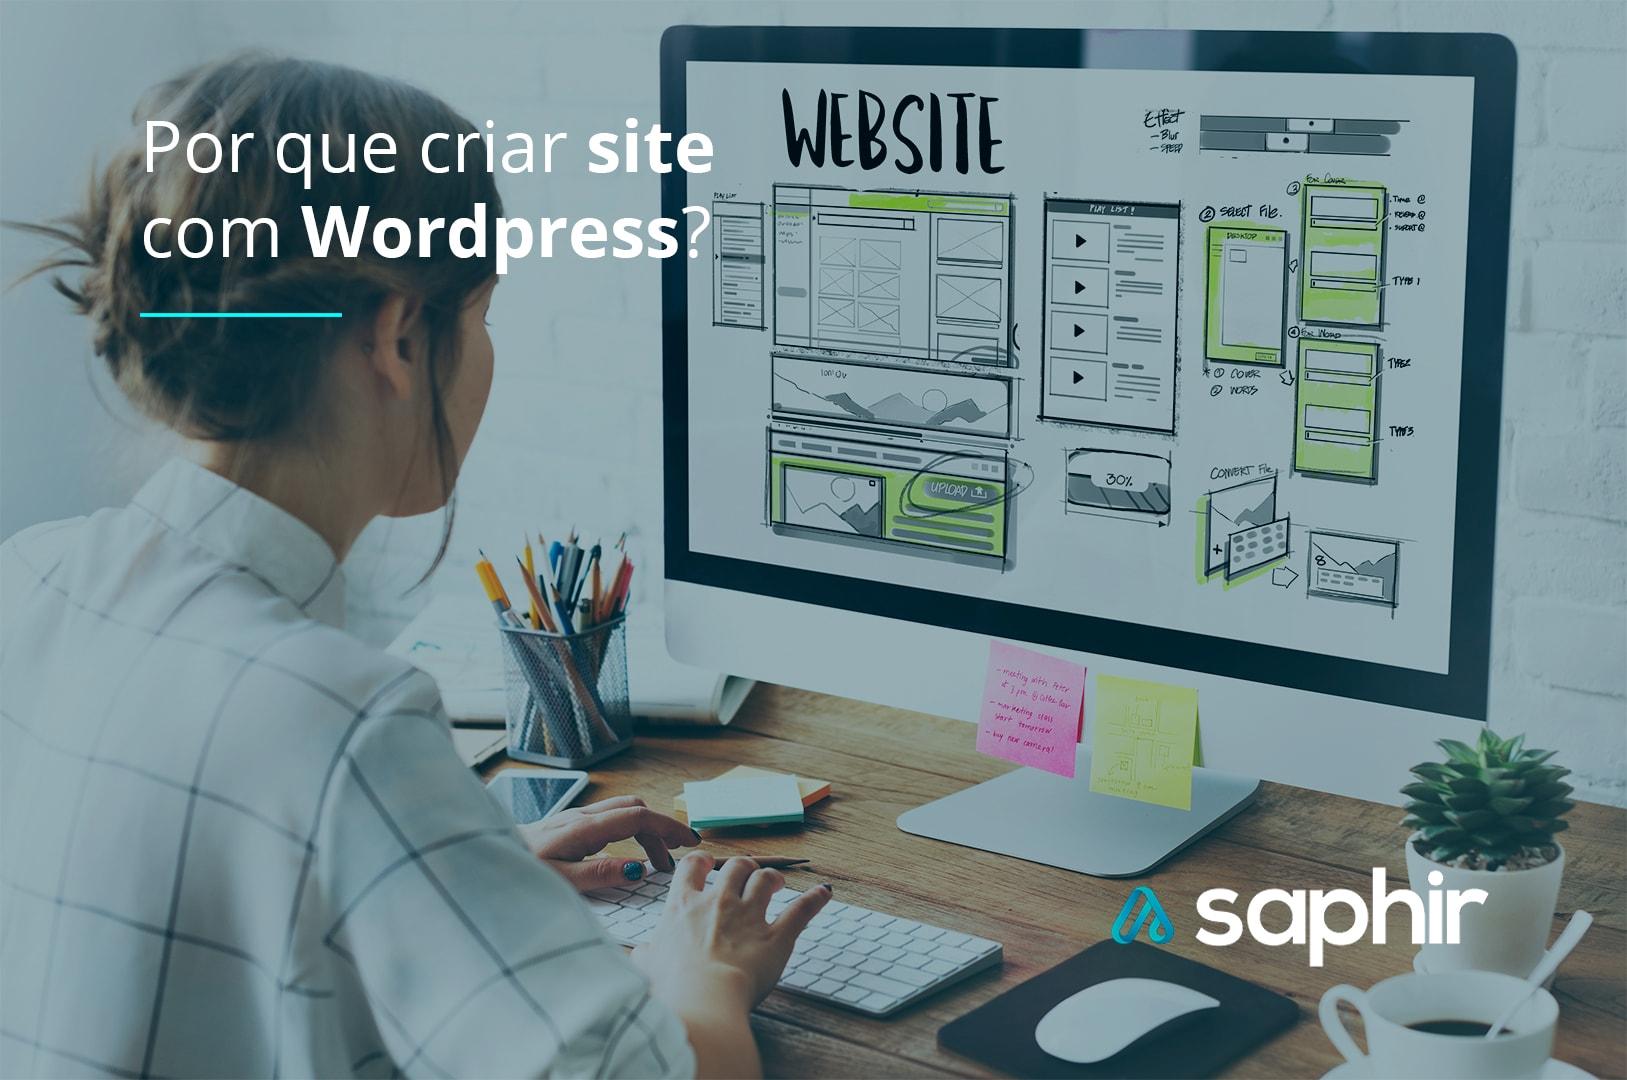 Por que criar site com Wordpress